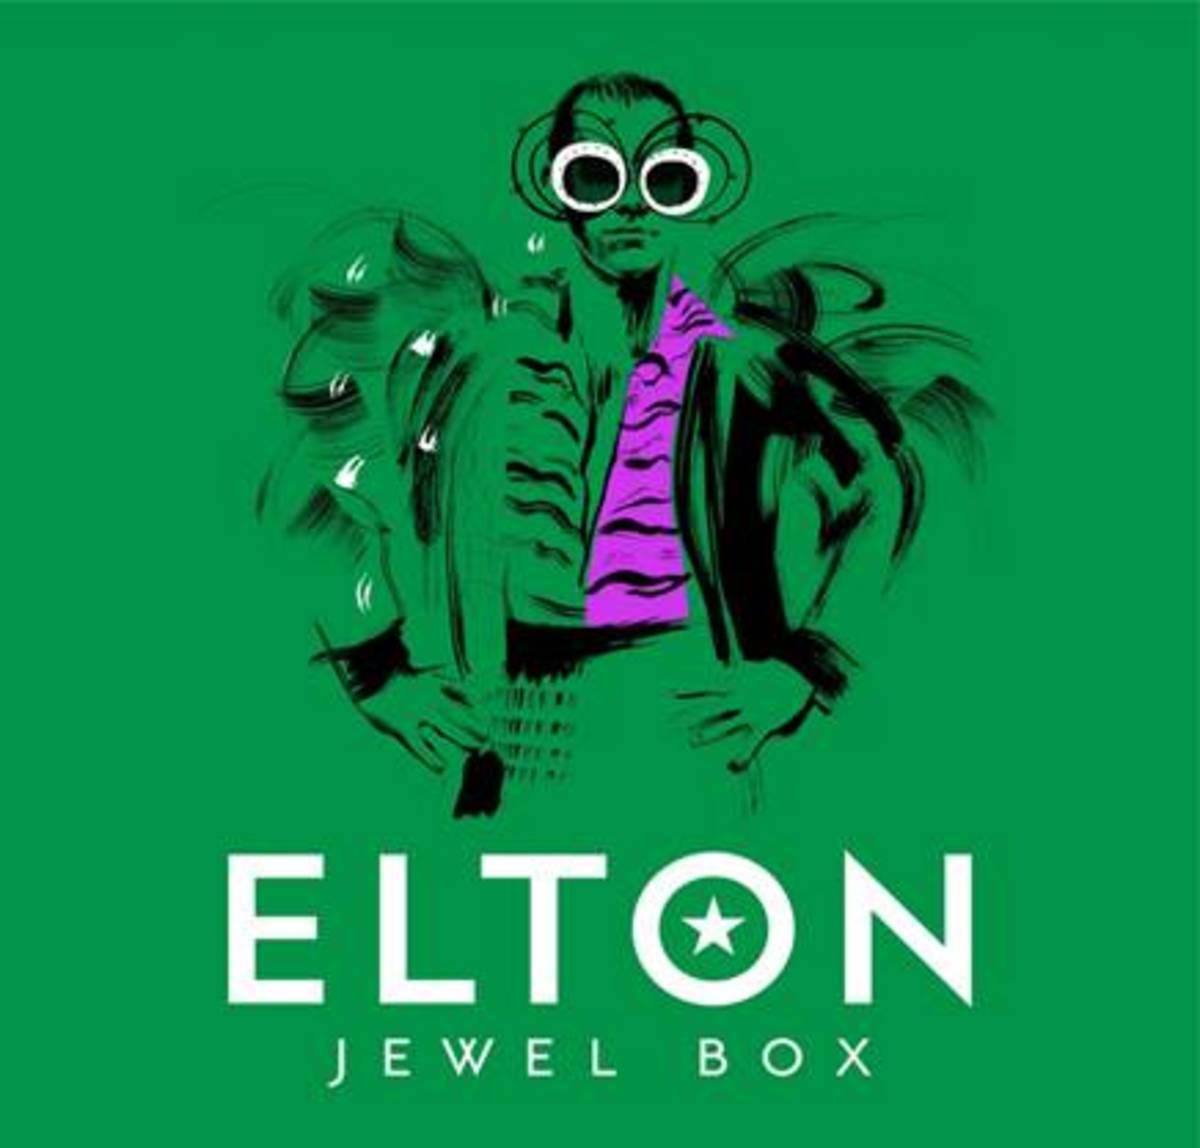 elton jewel box